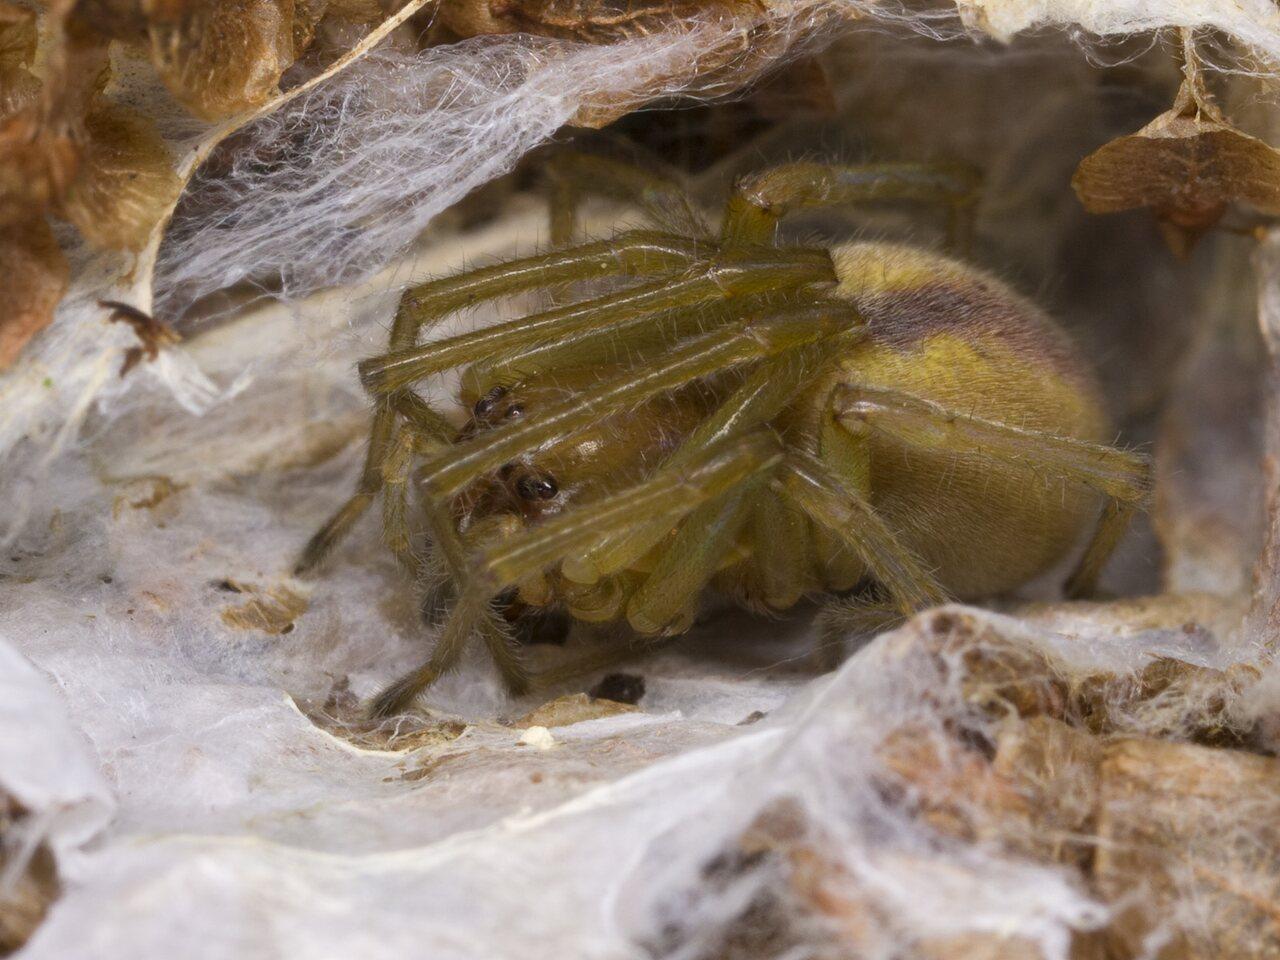 Cheiracanthium-erraticum-3750.jpg